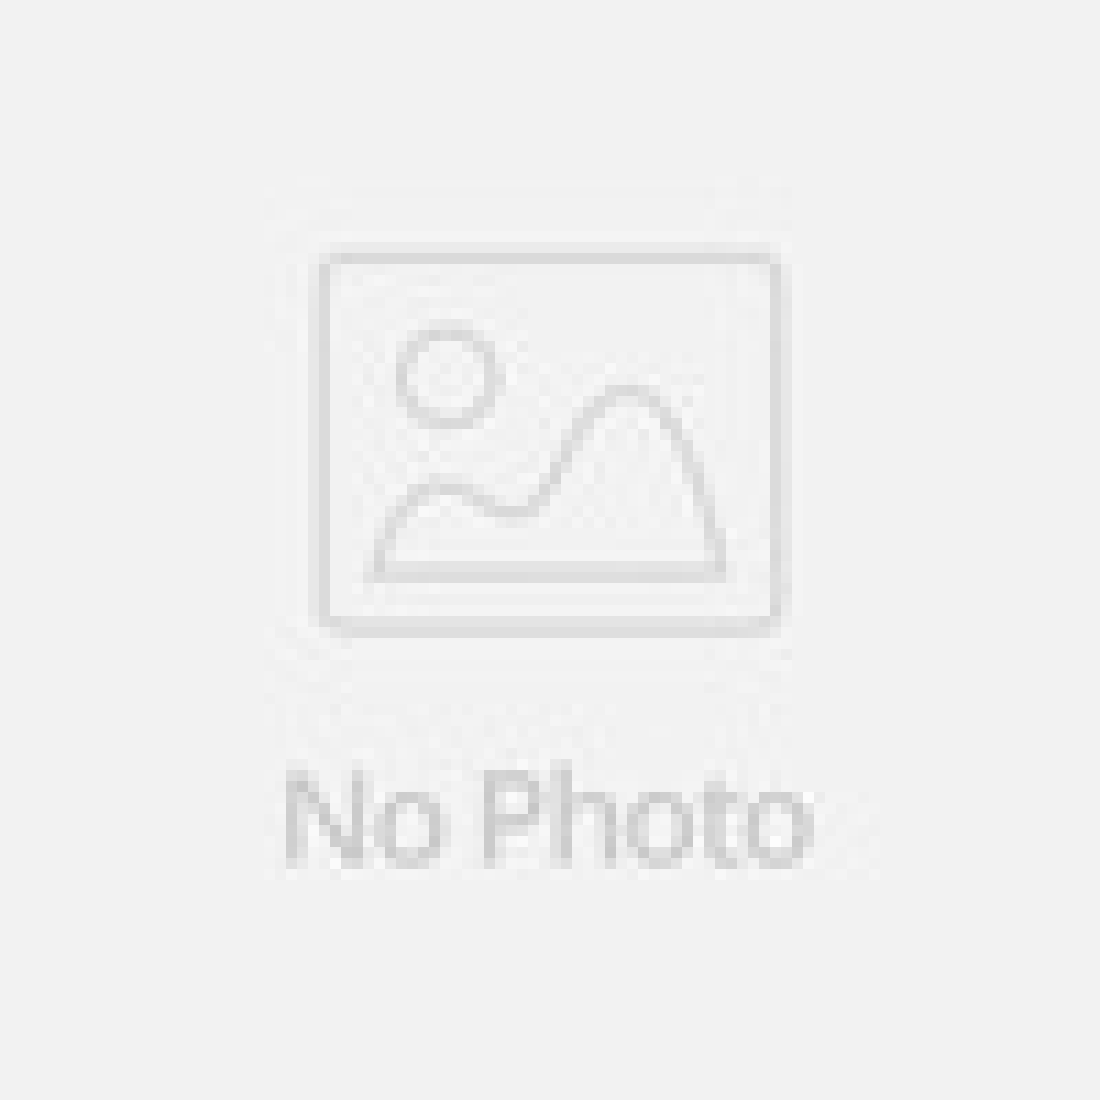 새로운 도착 휴대용 돋보기 안경 돋보기 안경 돋보기 100/350/400 학위 비전 안경